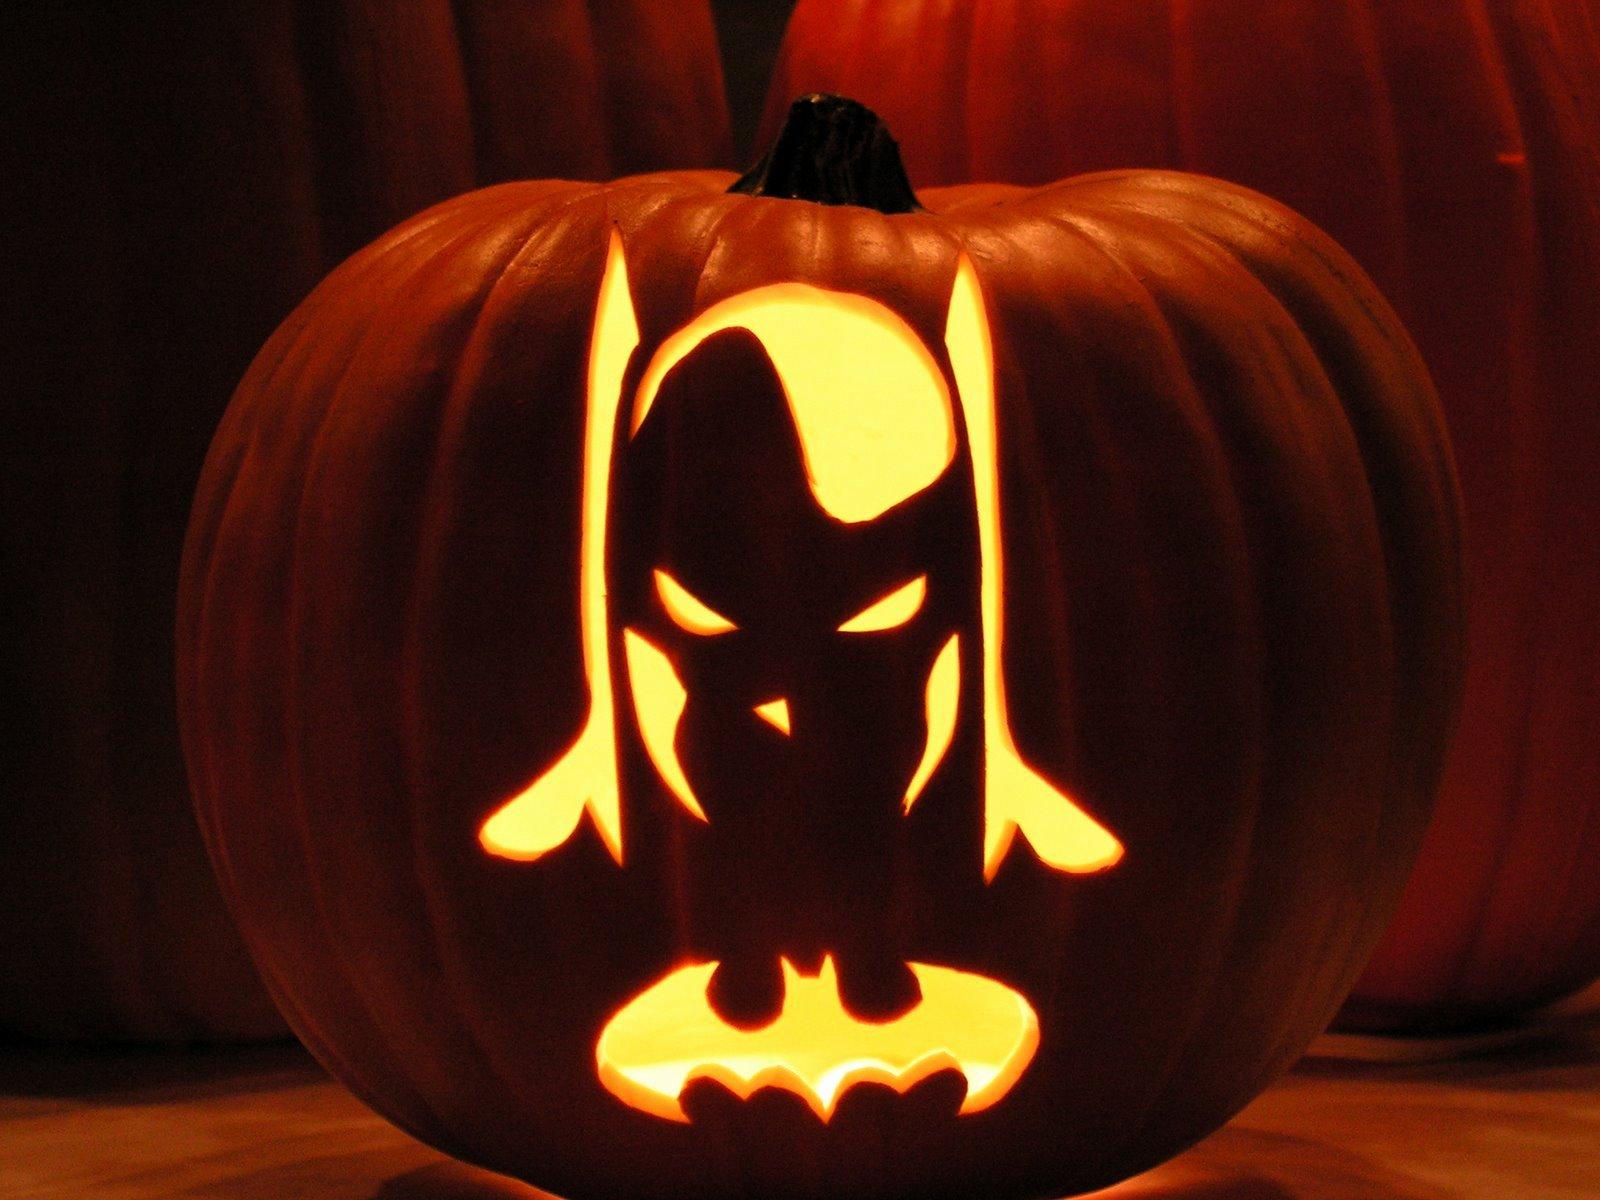 Batman Pumpkin Carving Stencil Awesome the Gallifreyan Gazette Cool Jack O Lanterns